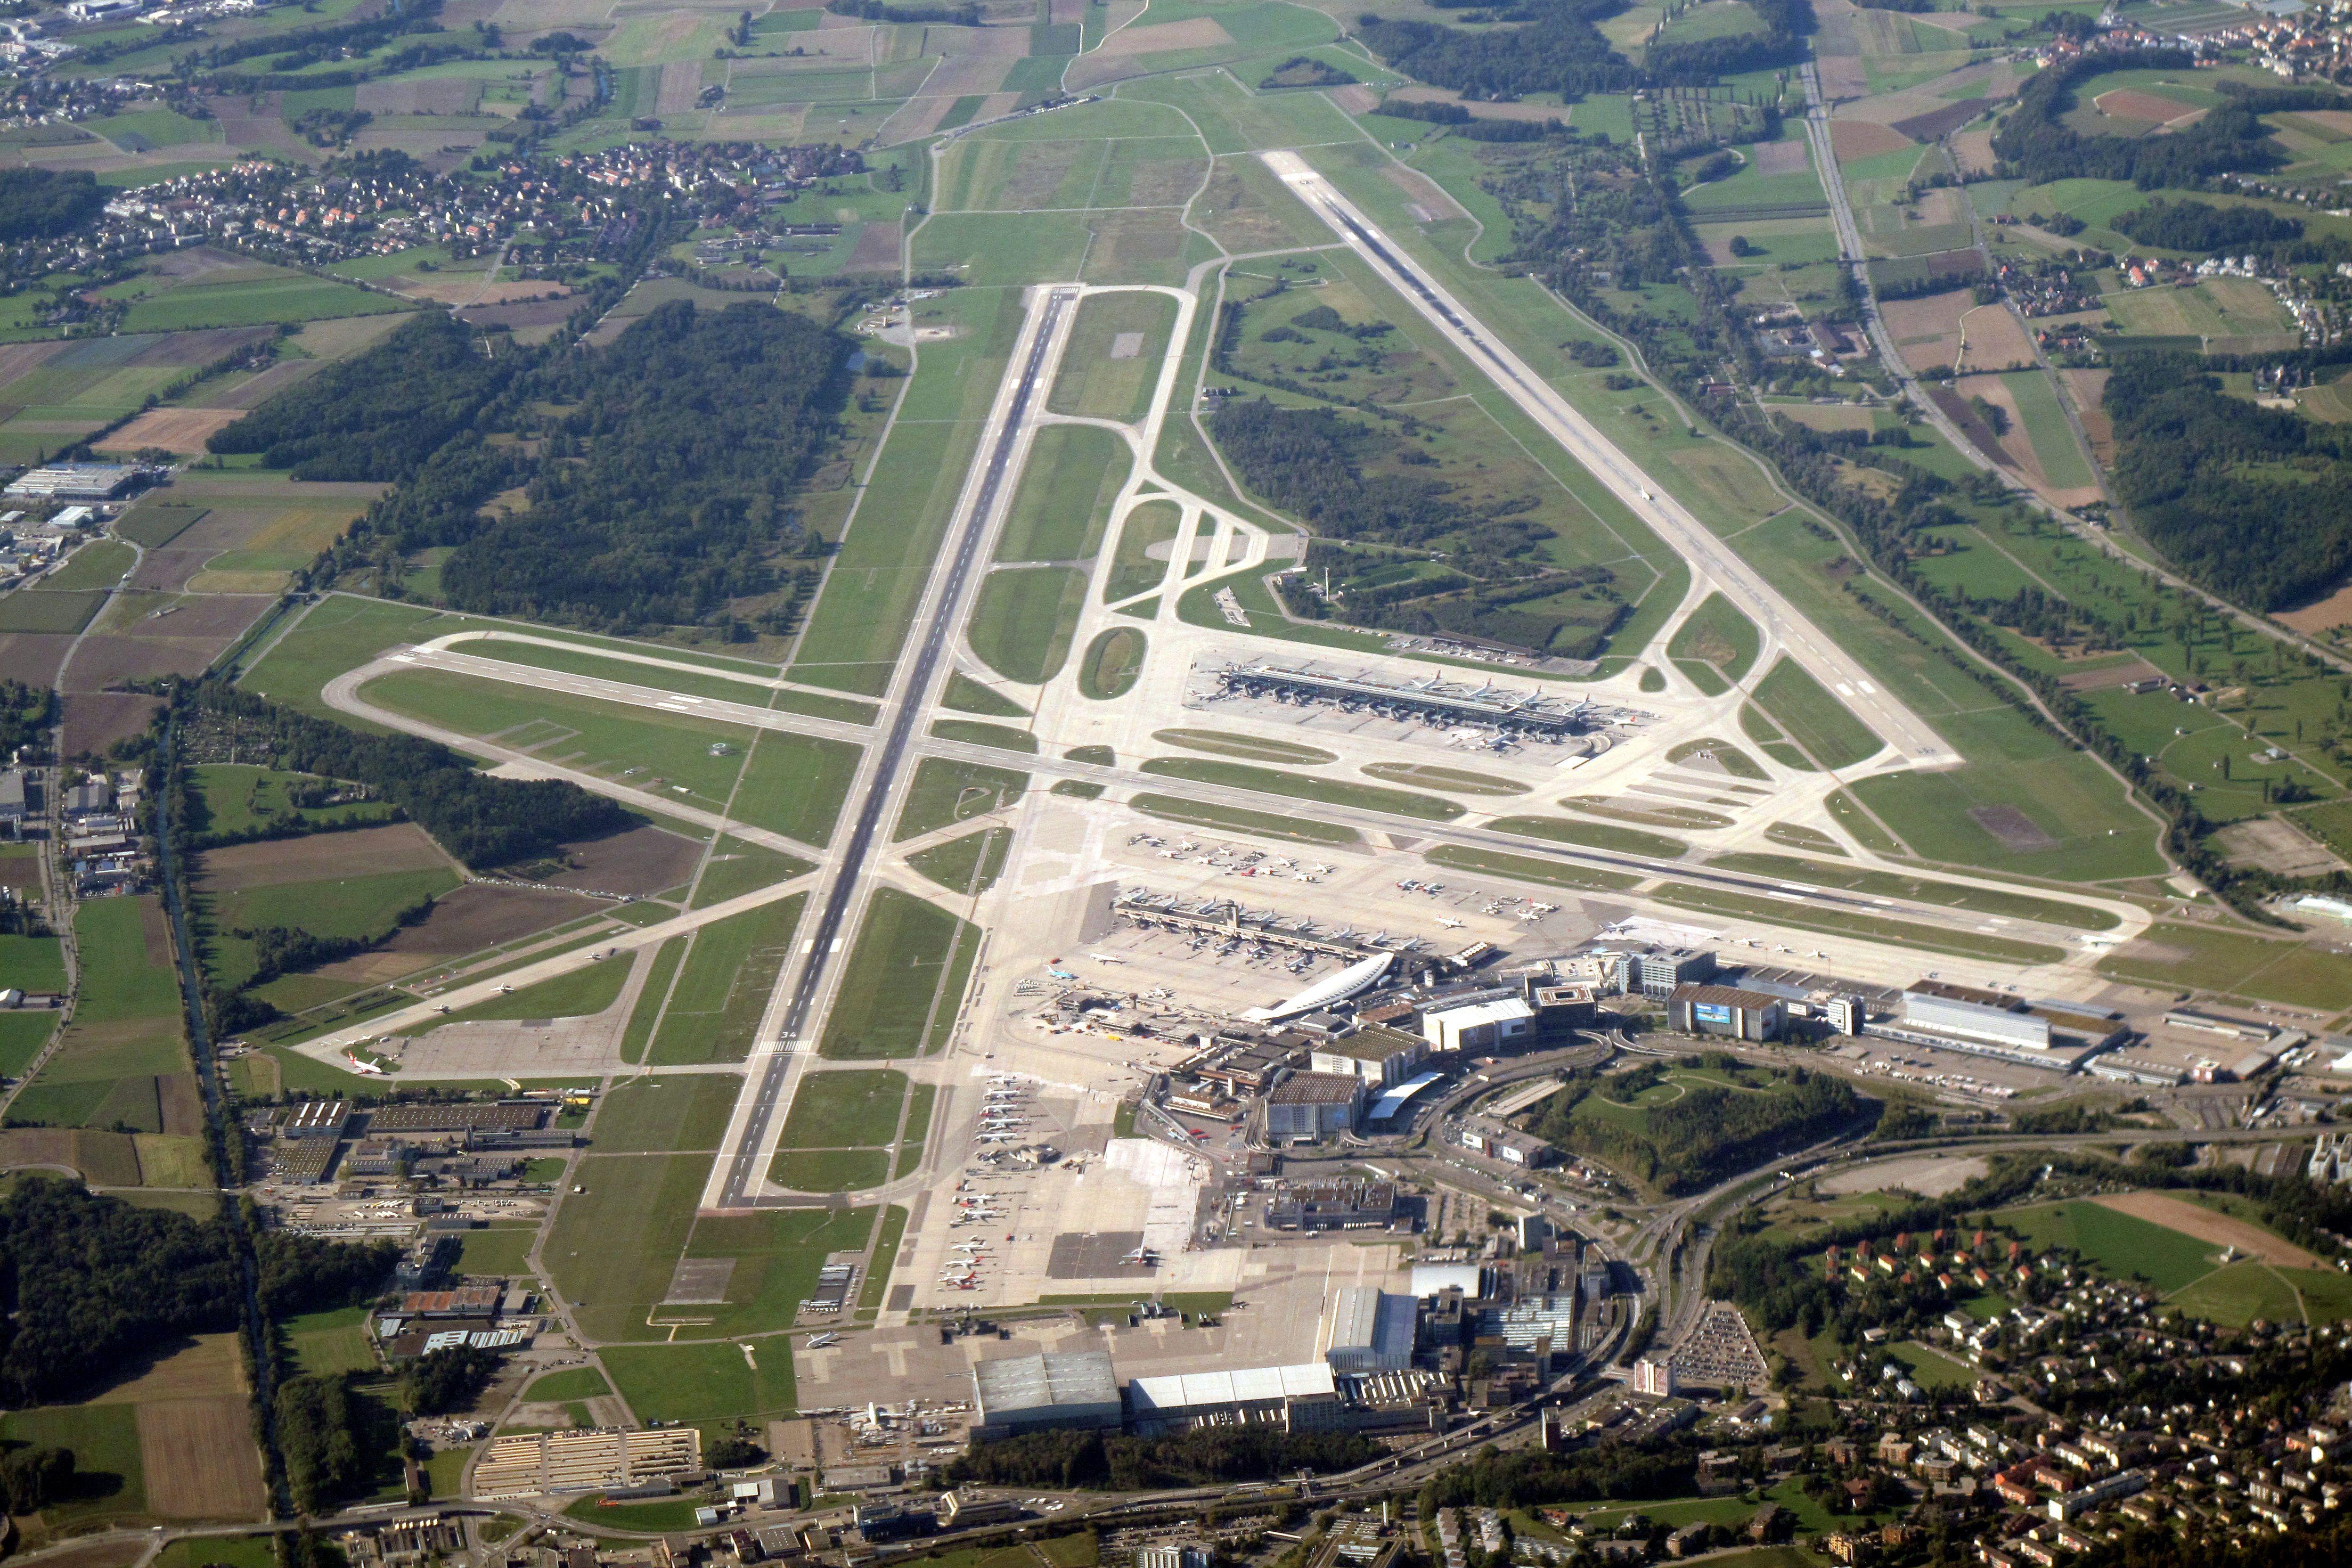 Zurich Airport Flughafen zürich, Flughafen, Luftfahrt